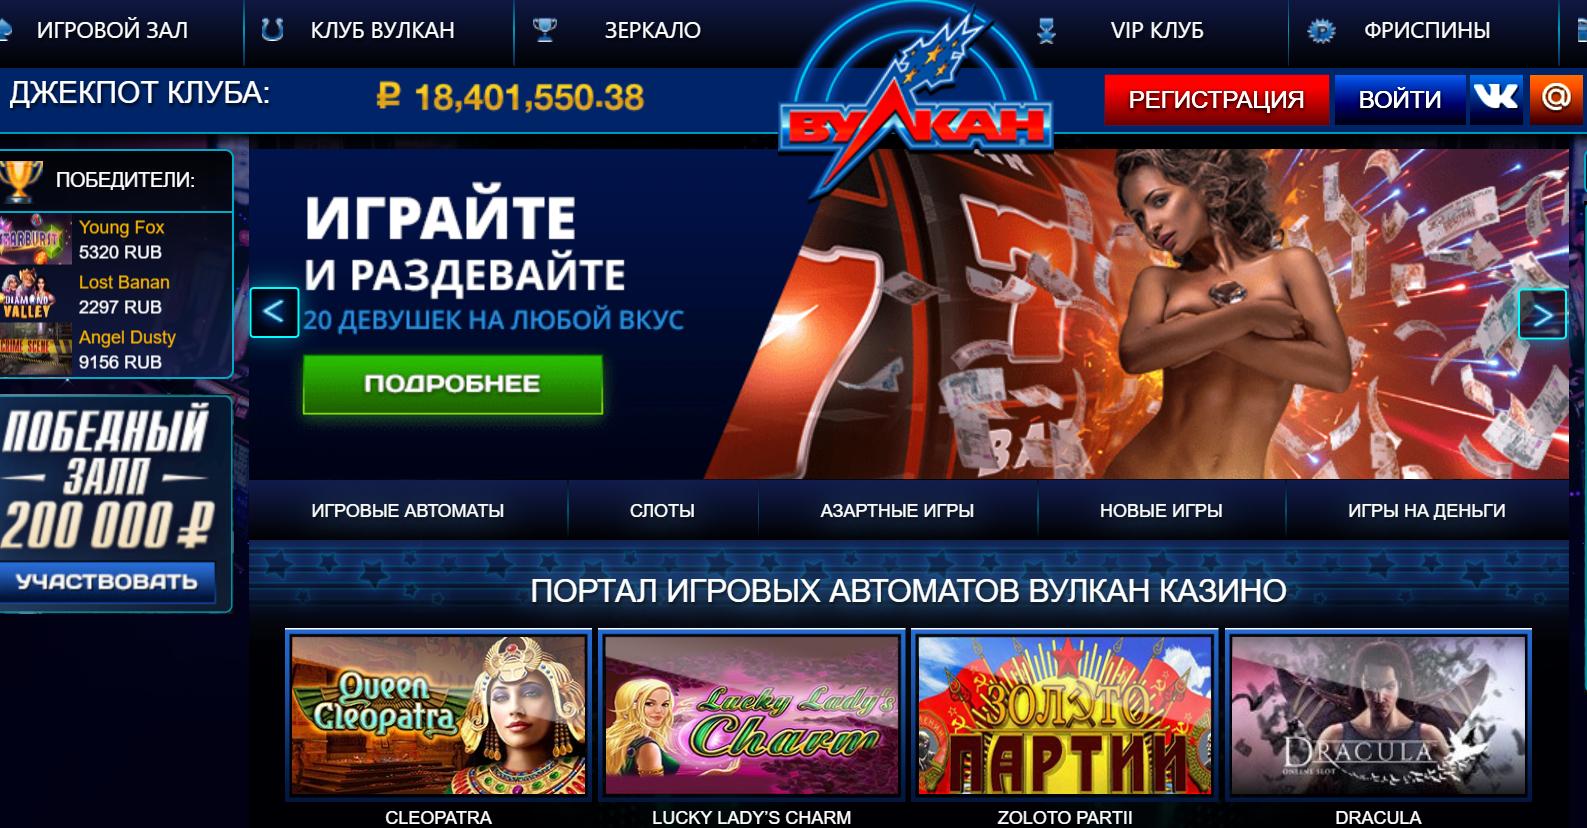 Онлайн-казино Вулкан  и любимые герои фильмов и комиксов